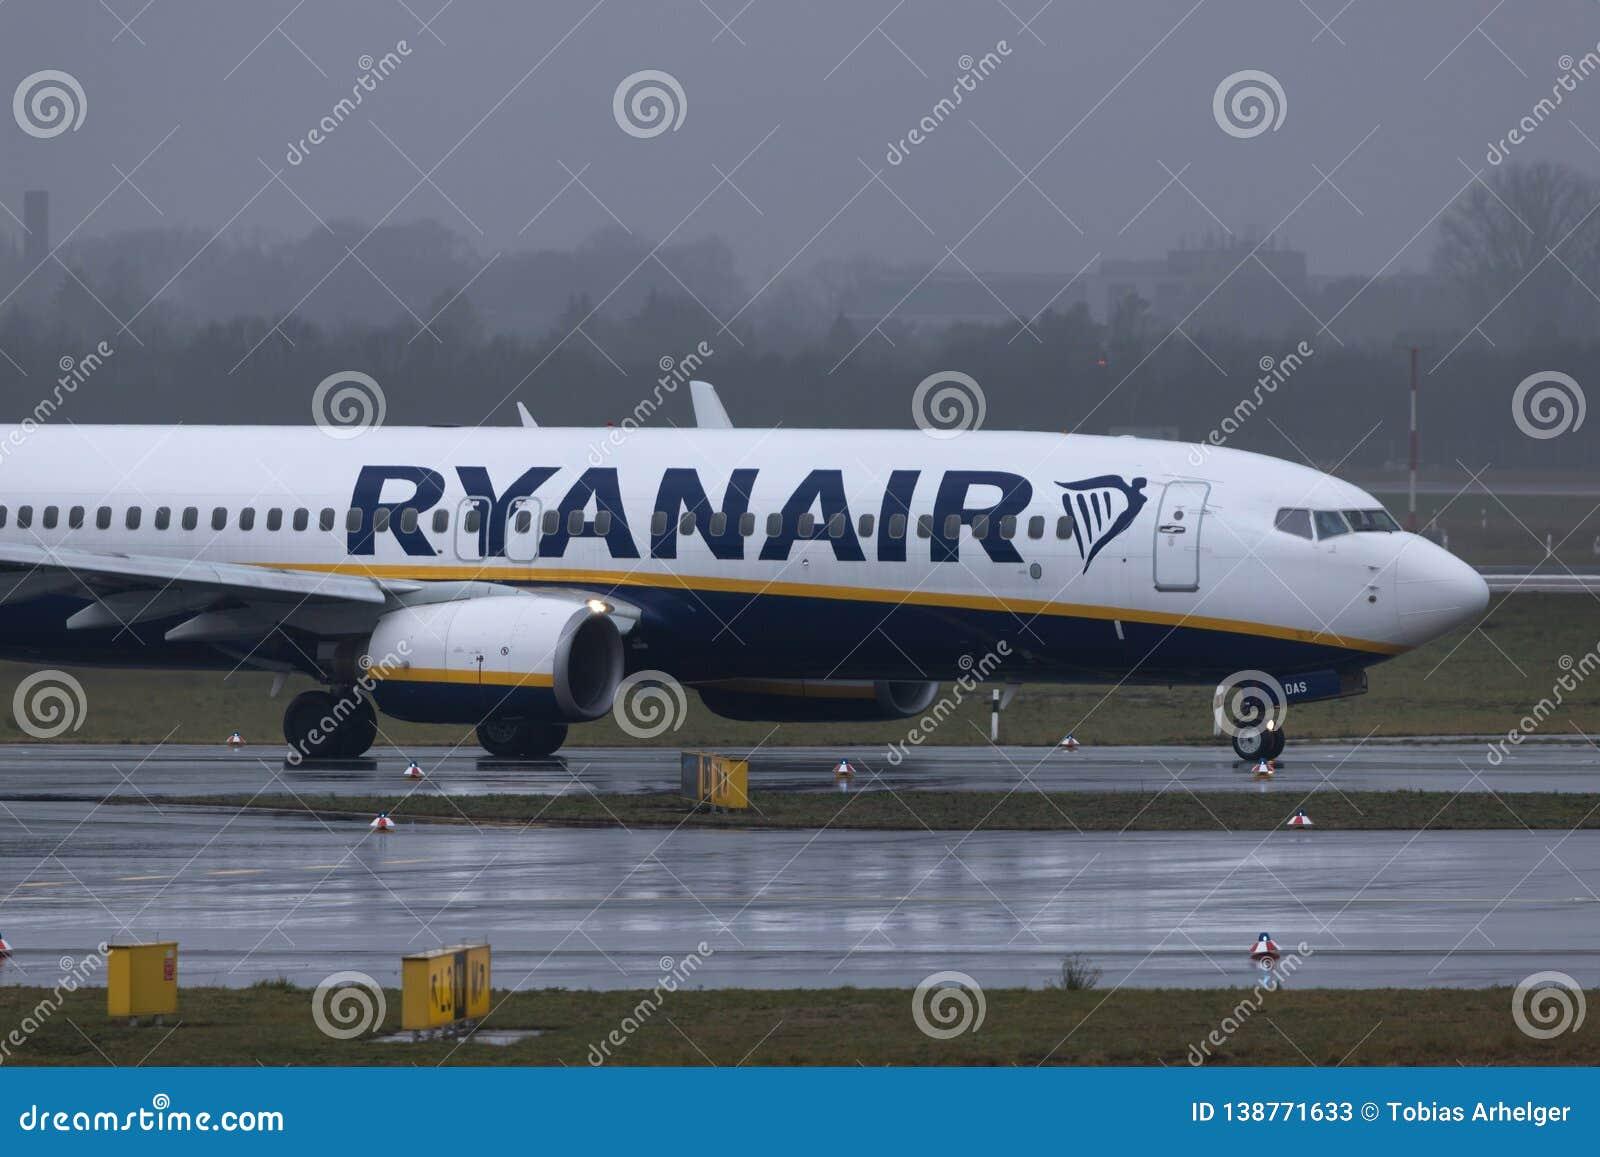 杜塞尔多夫,nrw/德国- 11 01 19:瑞安航空公司飞机在杜塞尔多夫机场德国在雨中